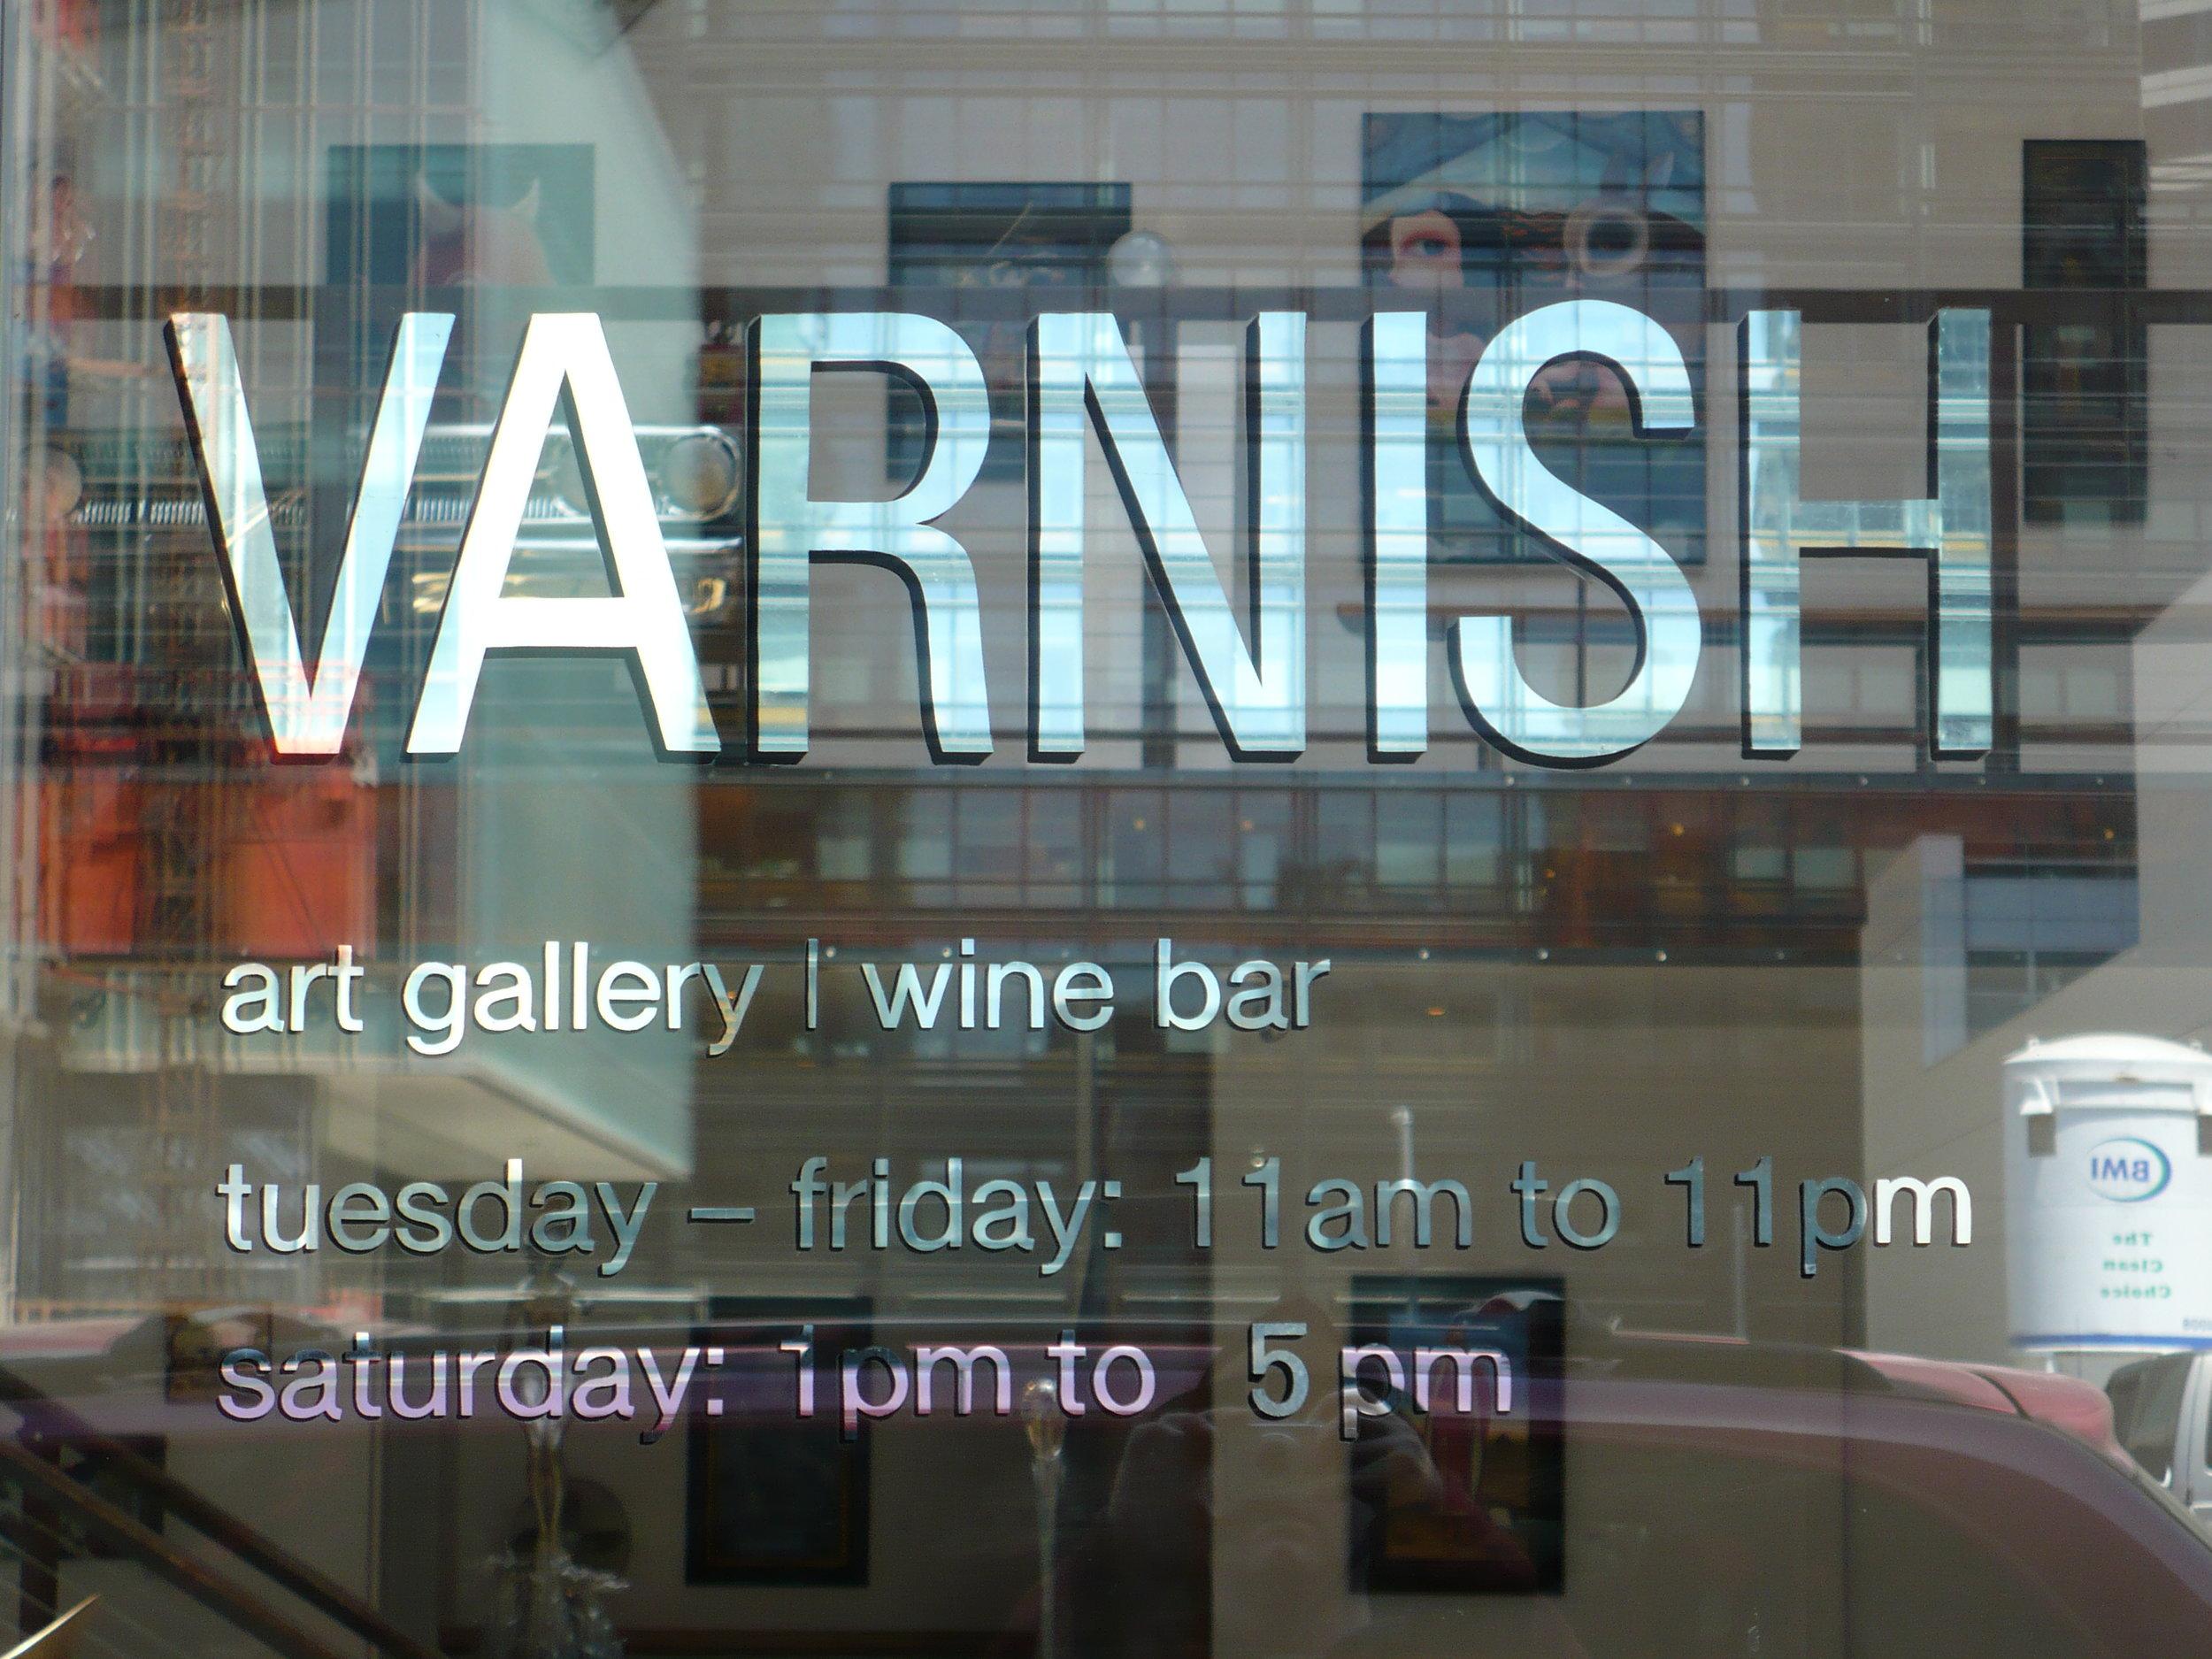 GOLD-varnish-art-gallery--wine-bar_3147697597_o.jpg